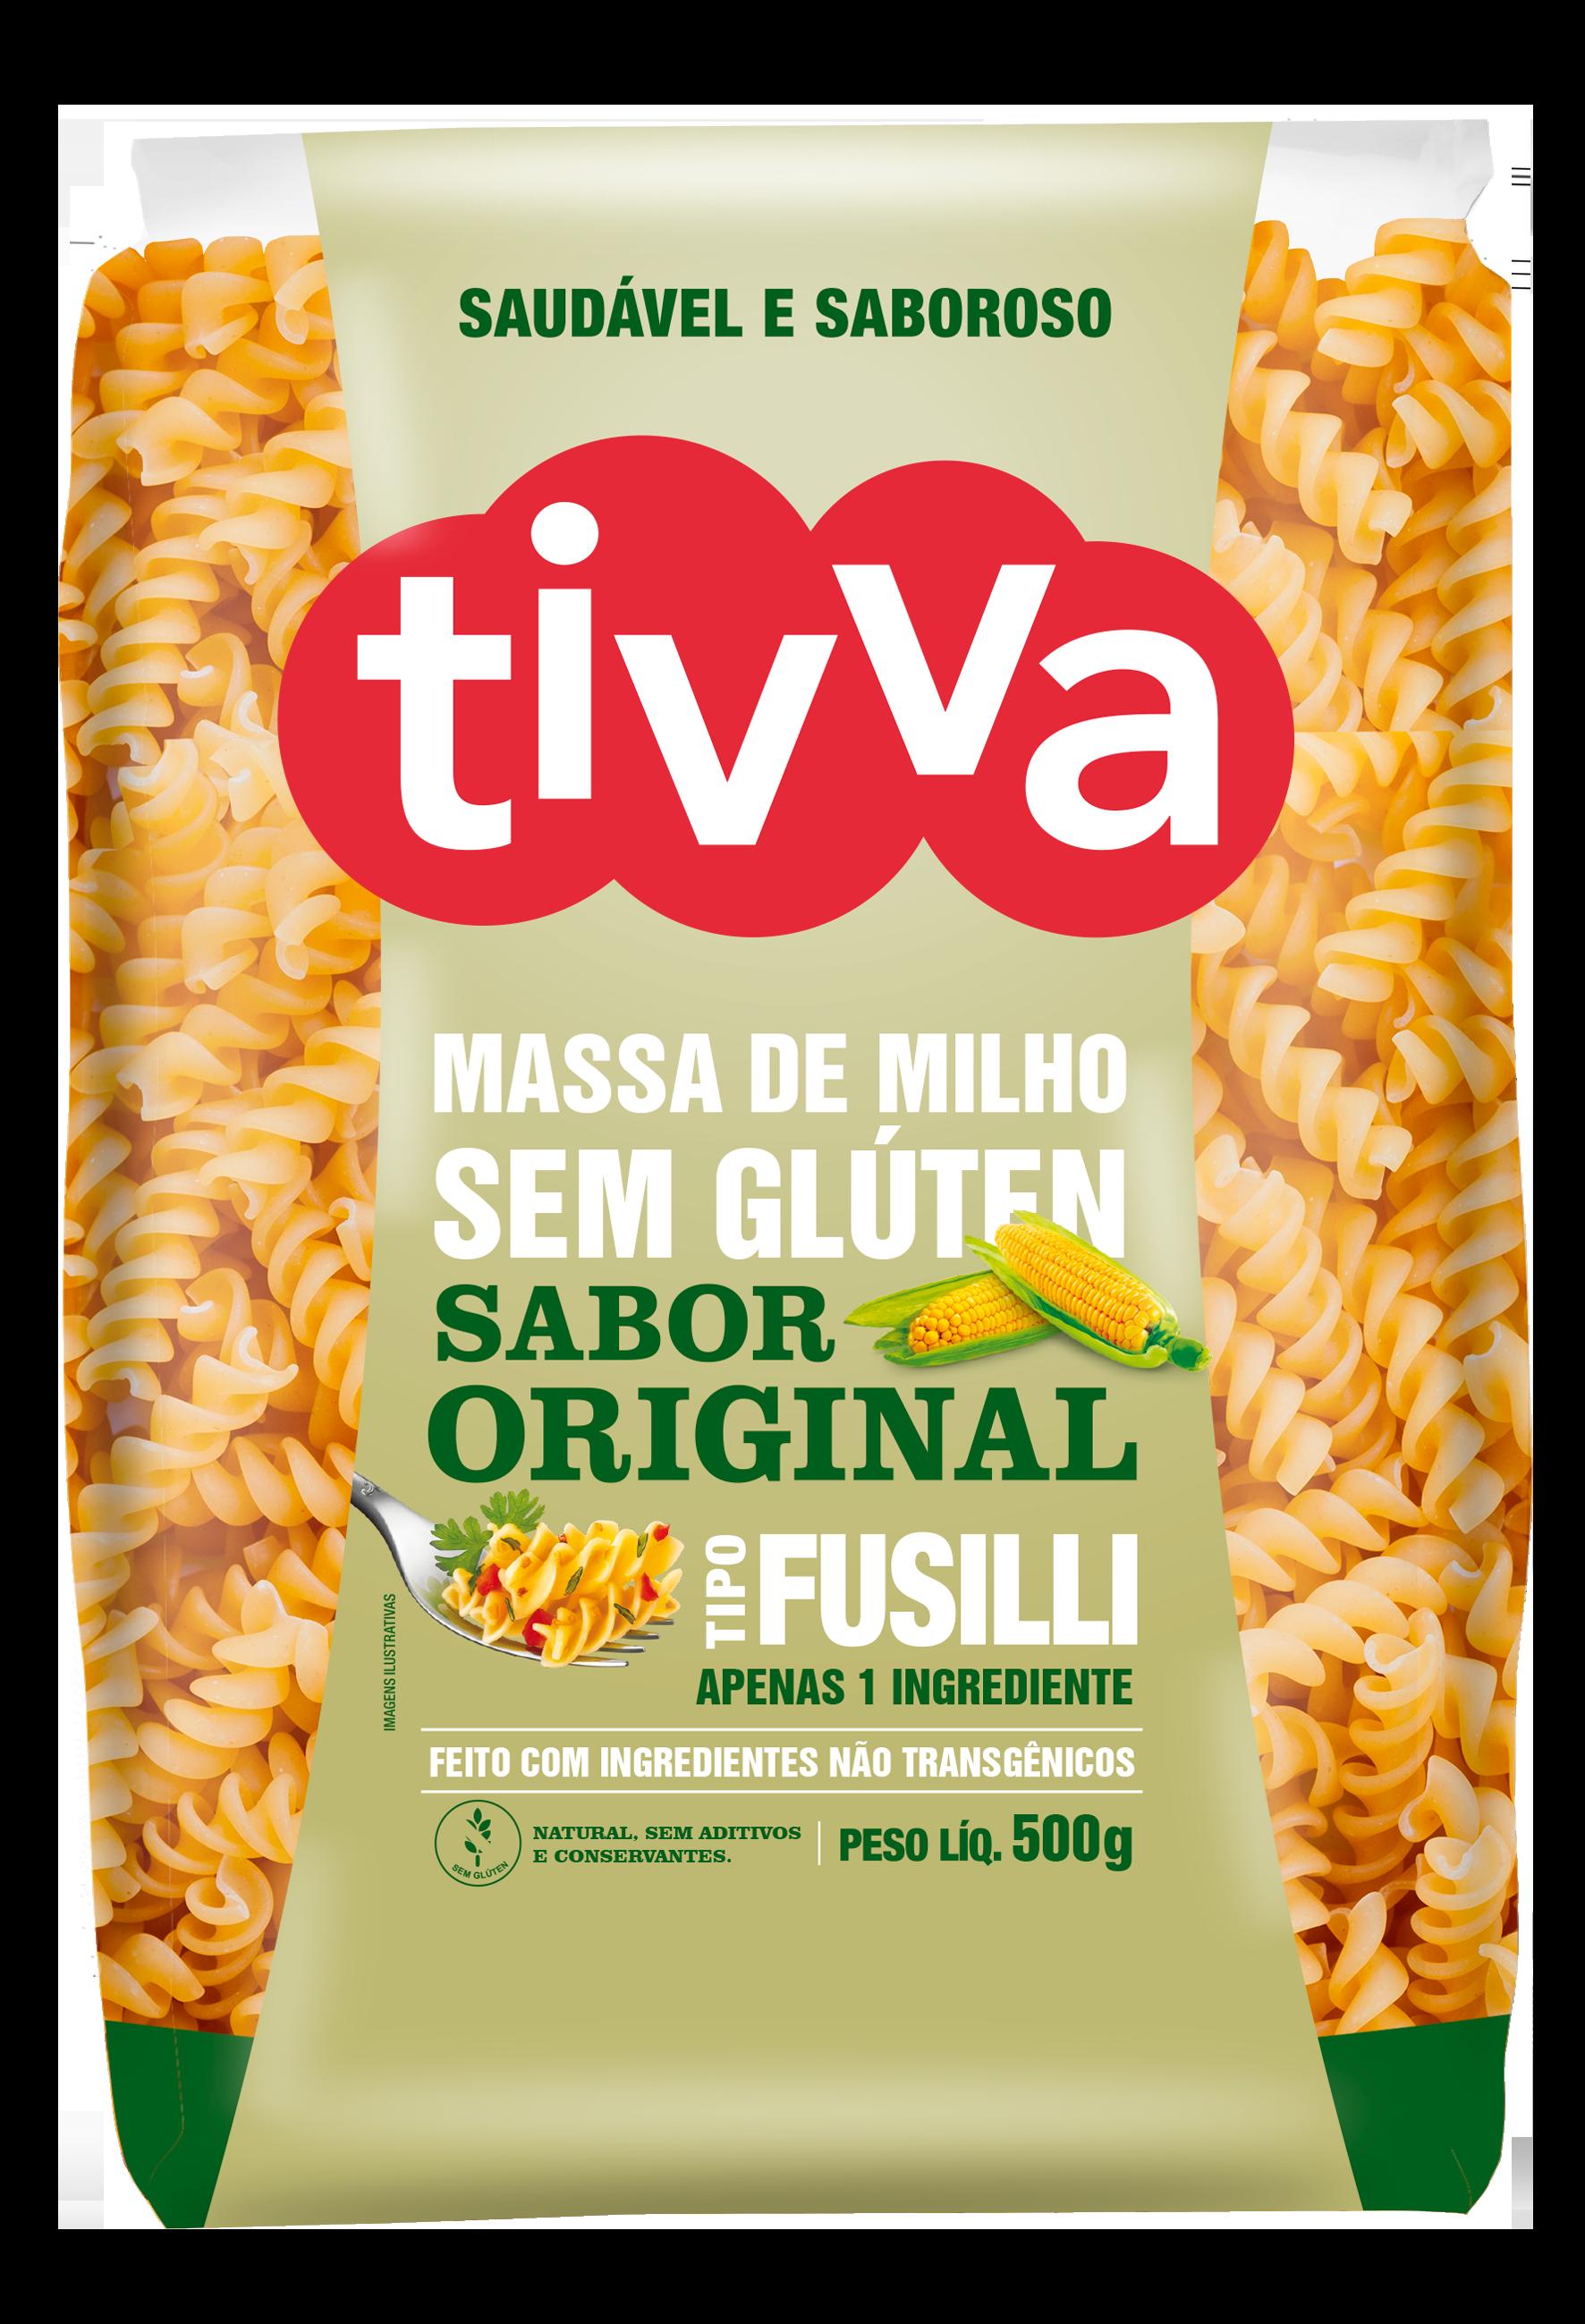 TIVVA_500g_FUSILLI DE MILHO - ORIGINAL_FRENTE